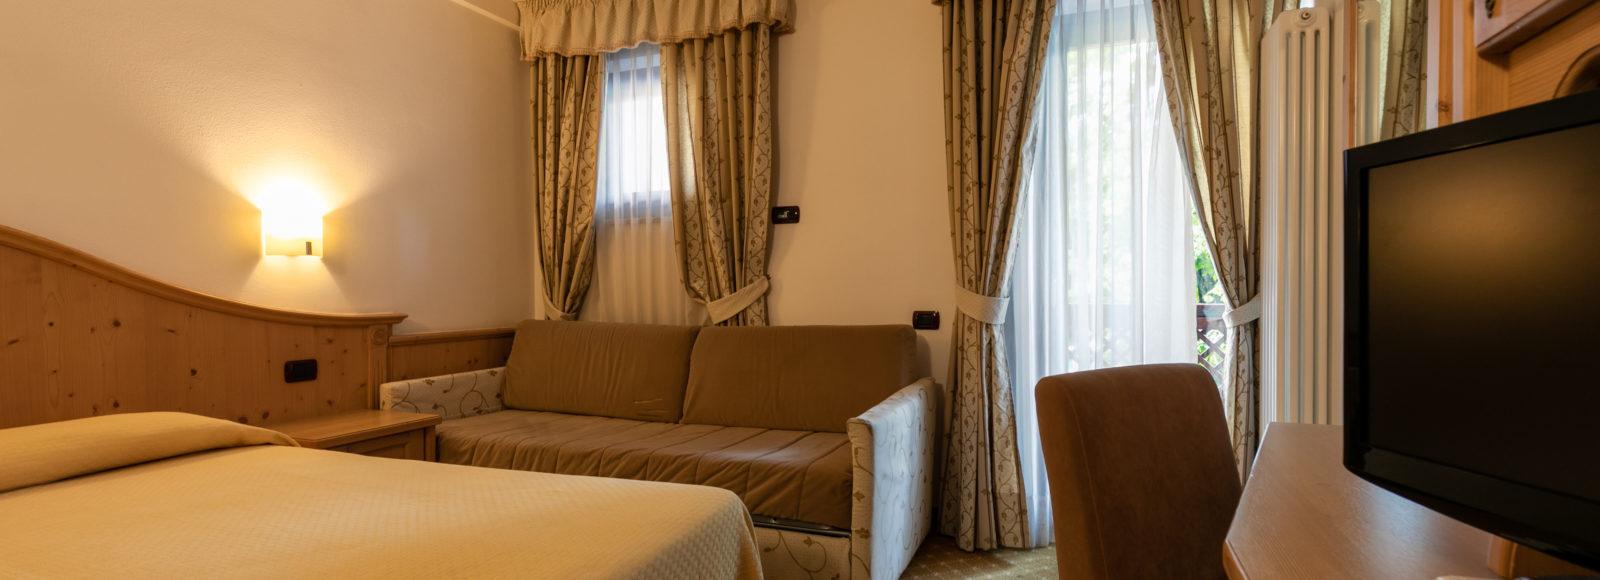 Hotel Isolabella Primiero - stanza comfort